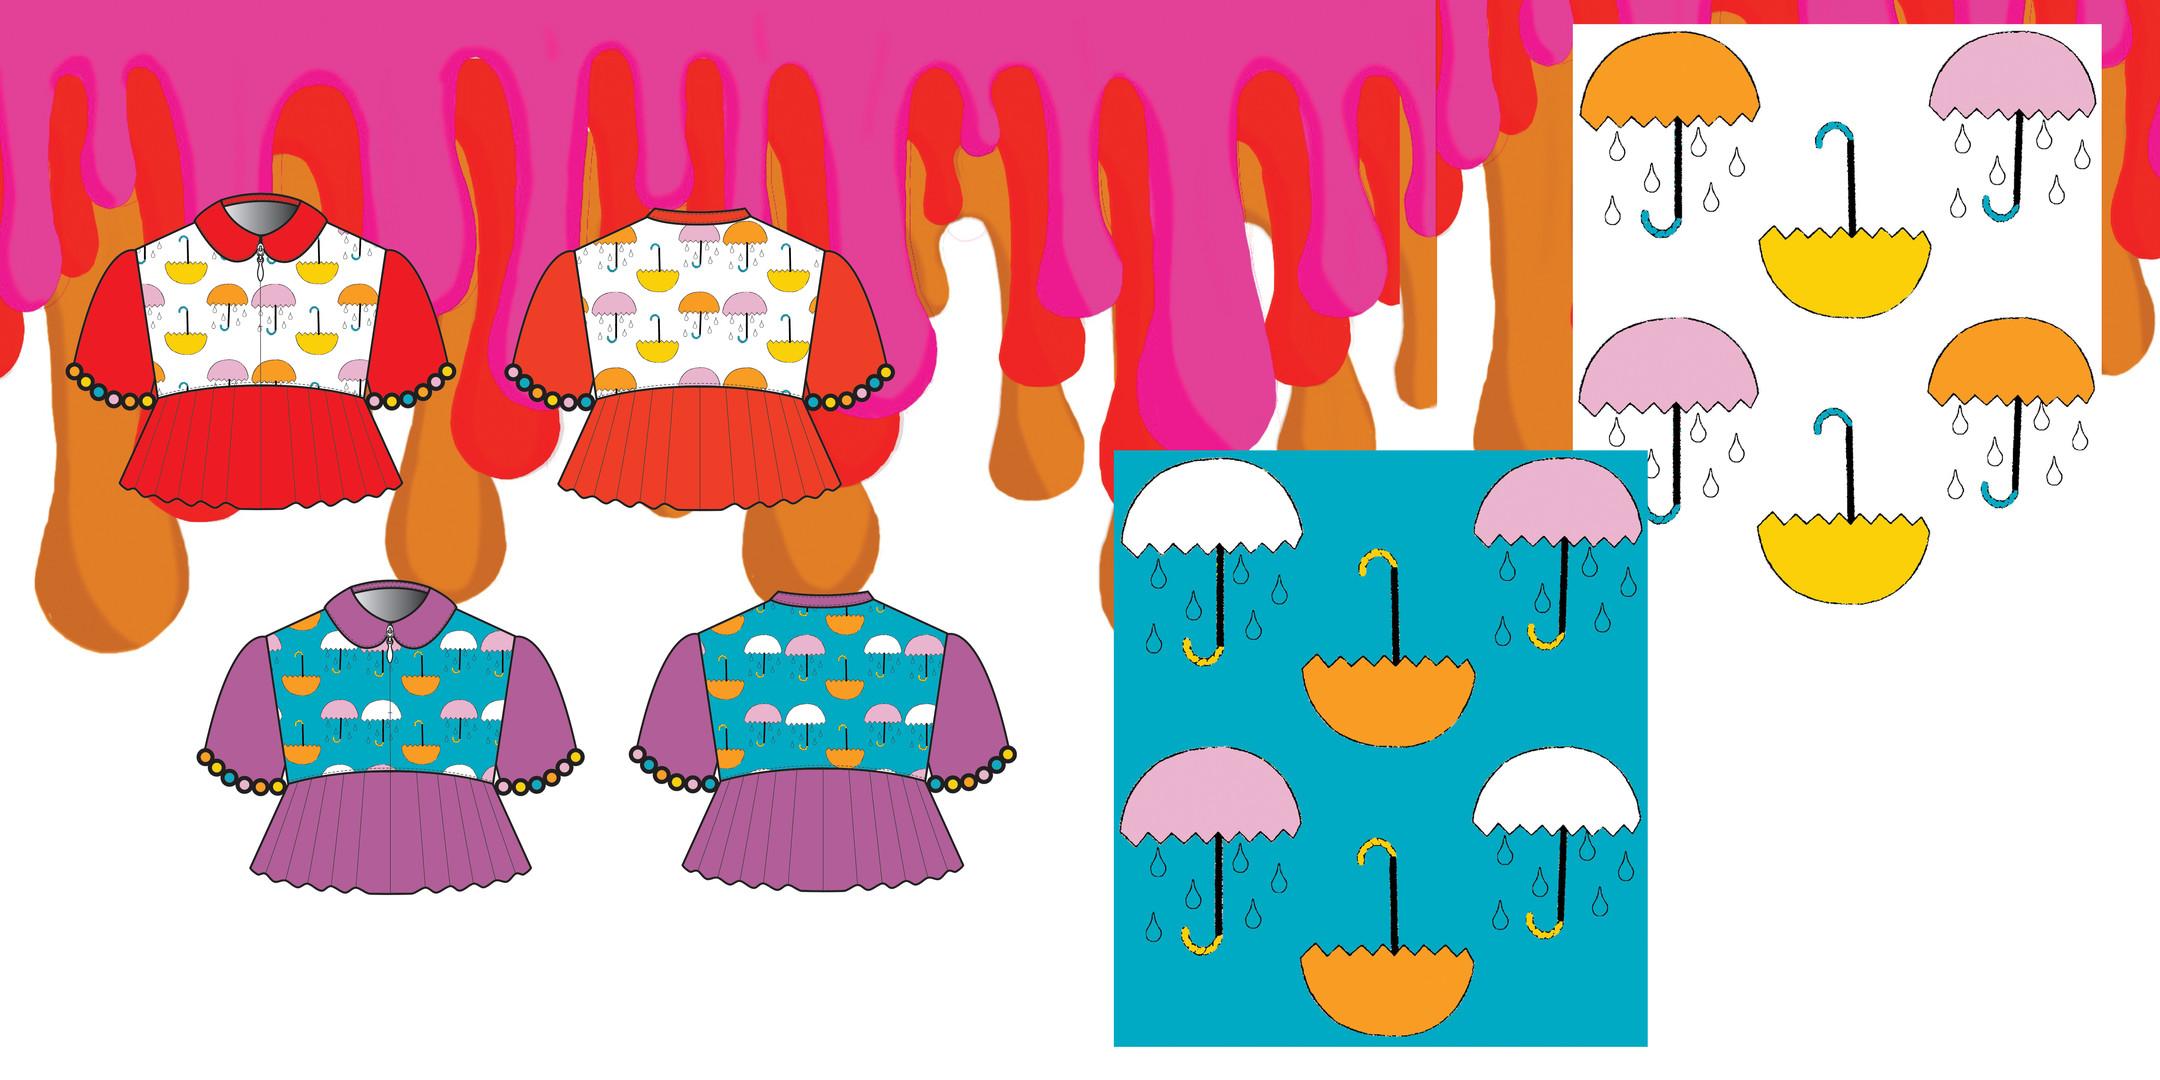 CAD FOR CHILDREN'S WEAR